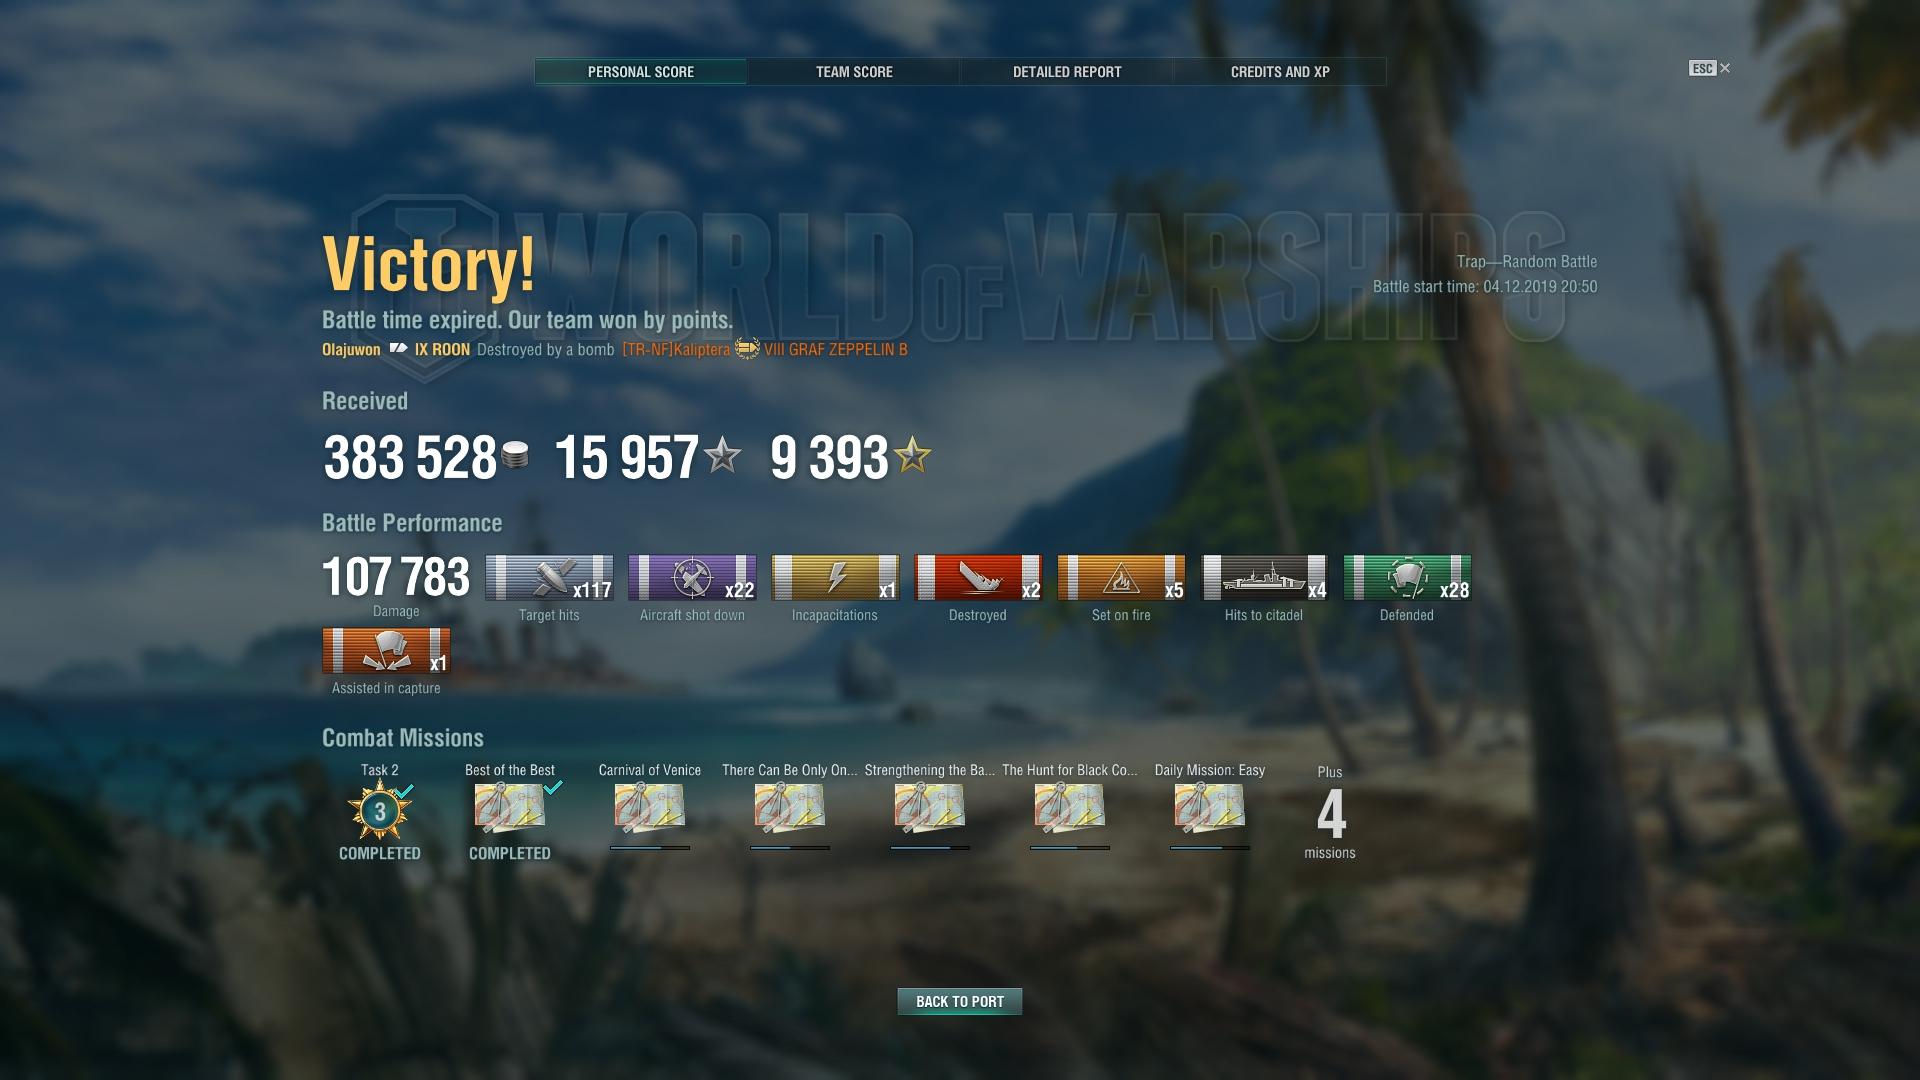 shot-19.12.04_21.29.58-0858.jpg